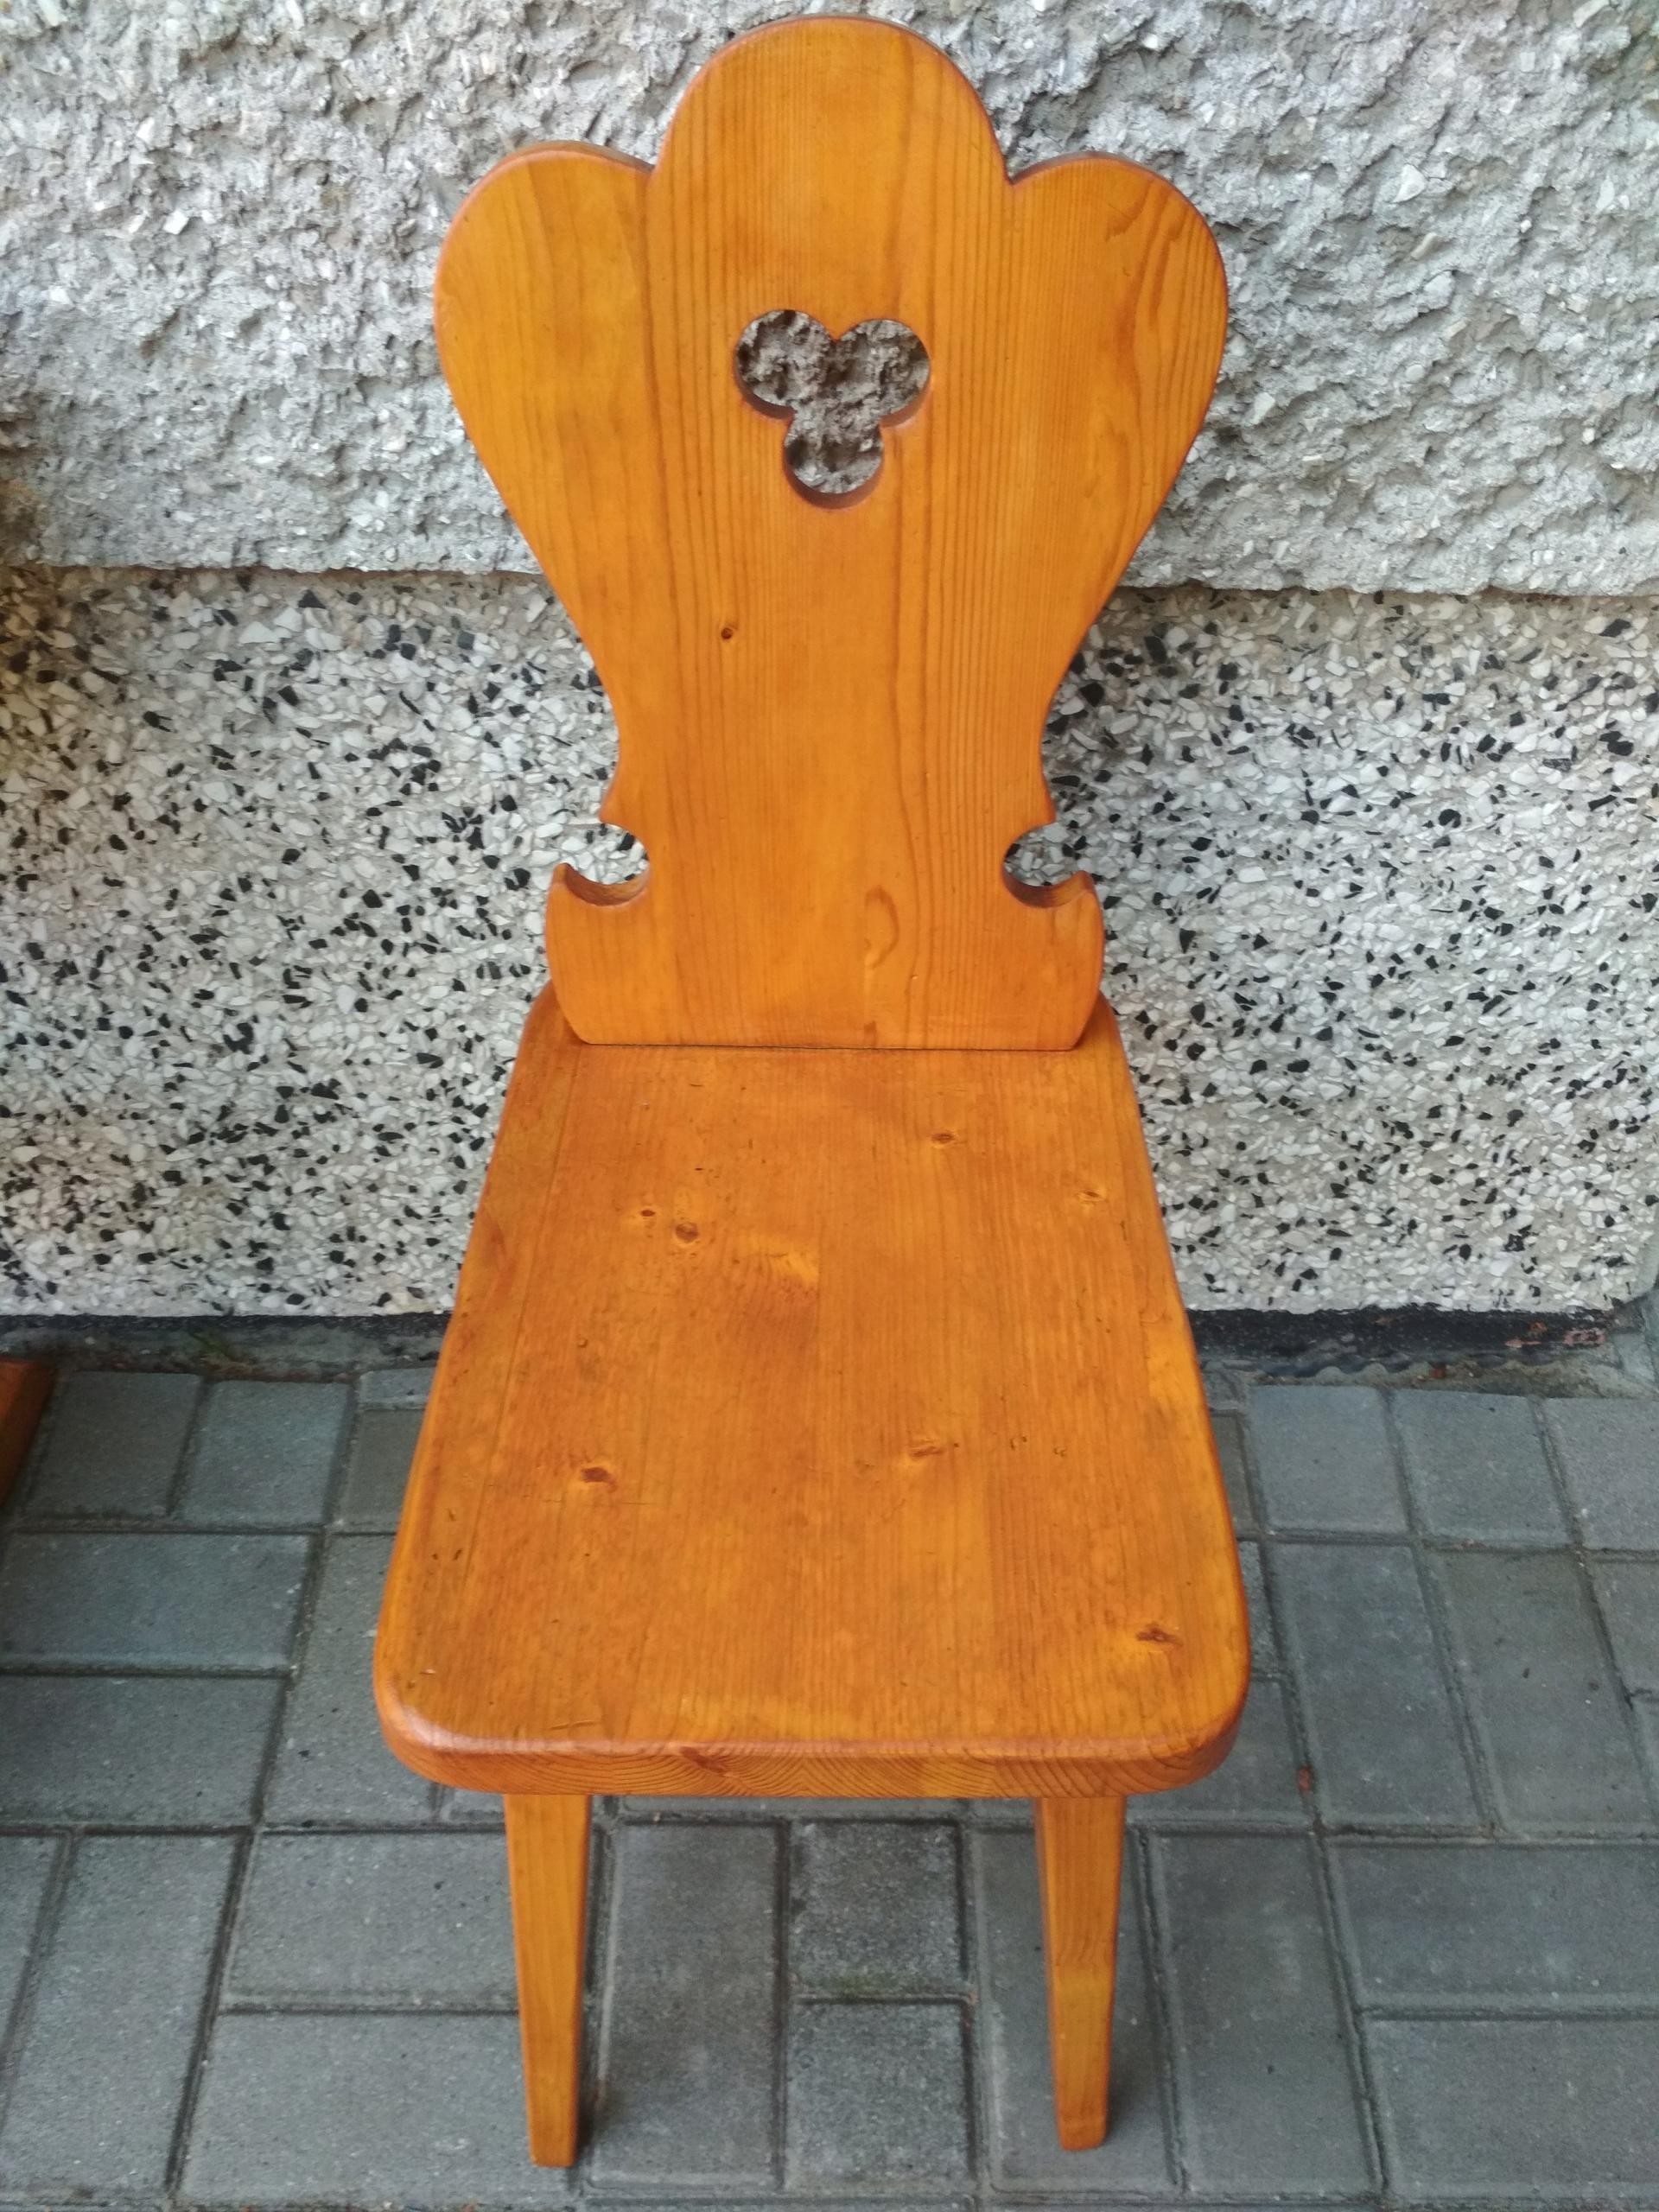 Oryginał Ława stół góralski + stołki krzesła zydle - 7685157234 - oficjalne FF75